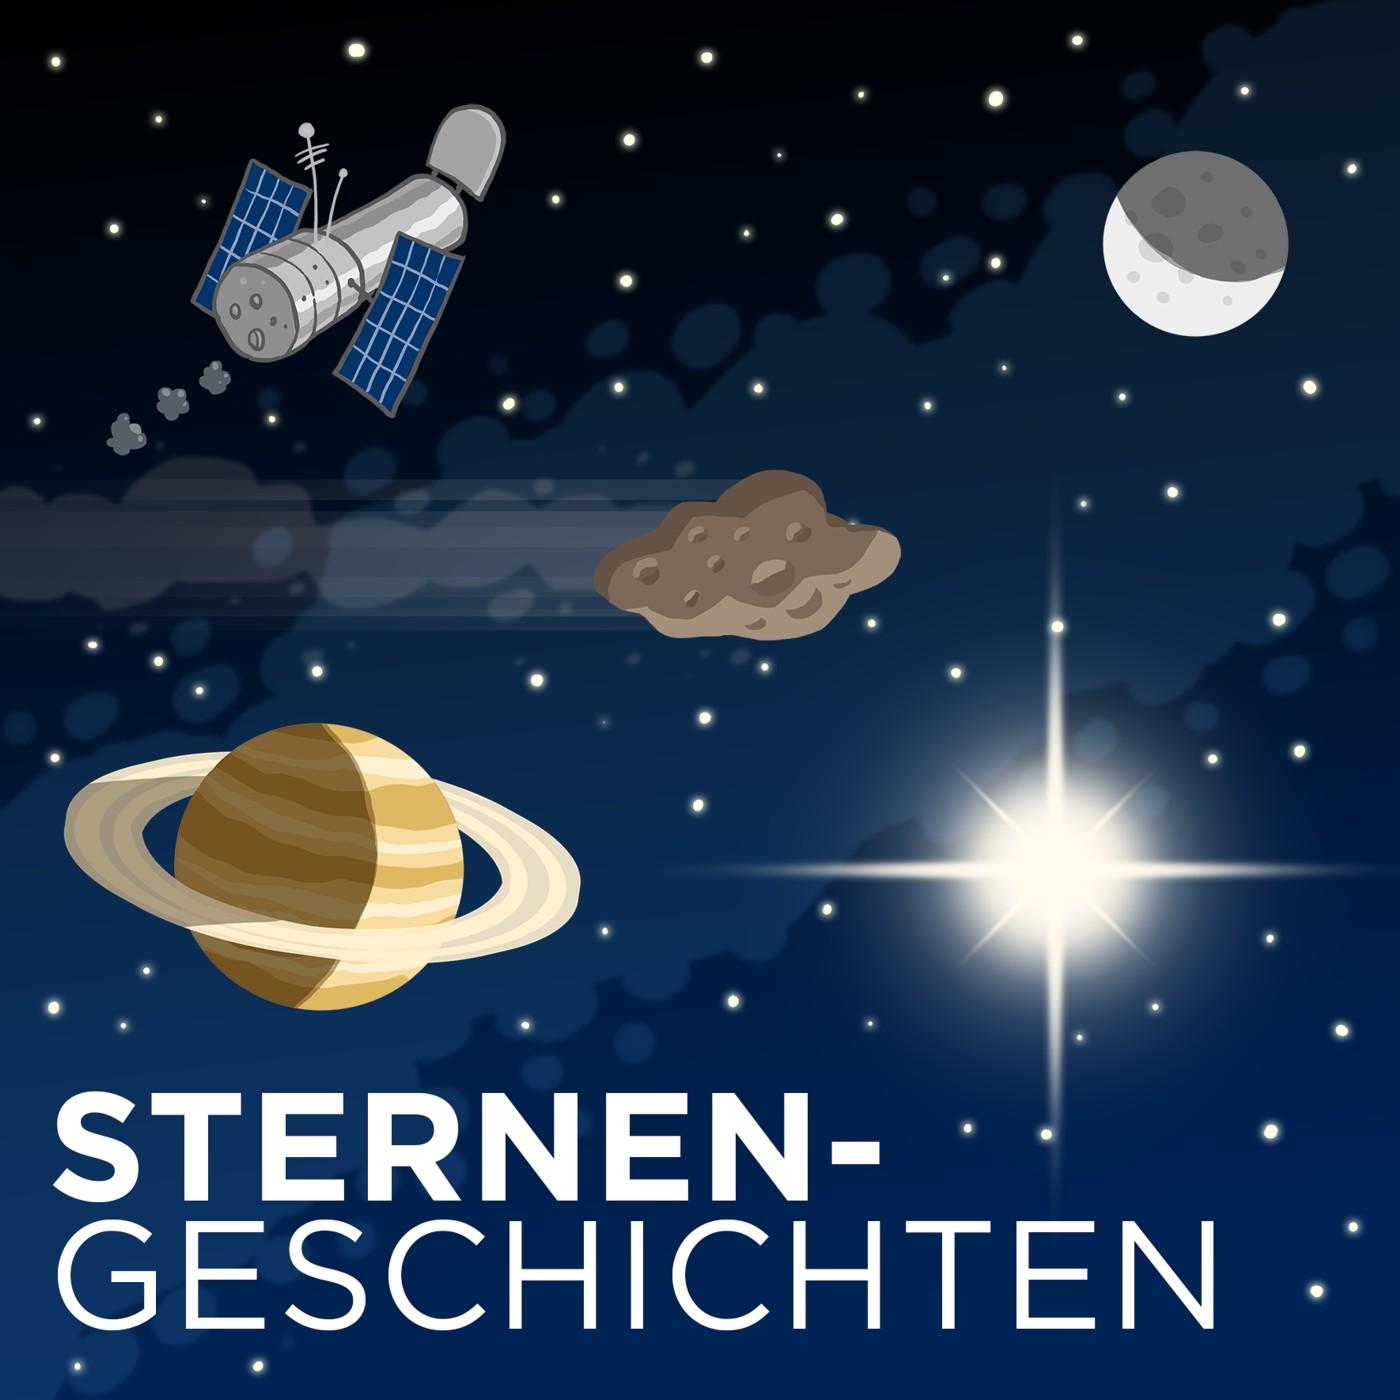 Sternengeschichten Folge 354: Kurt Gödel und die Reise durch die Zeit